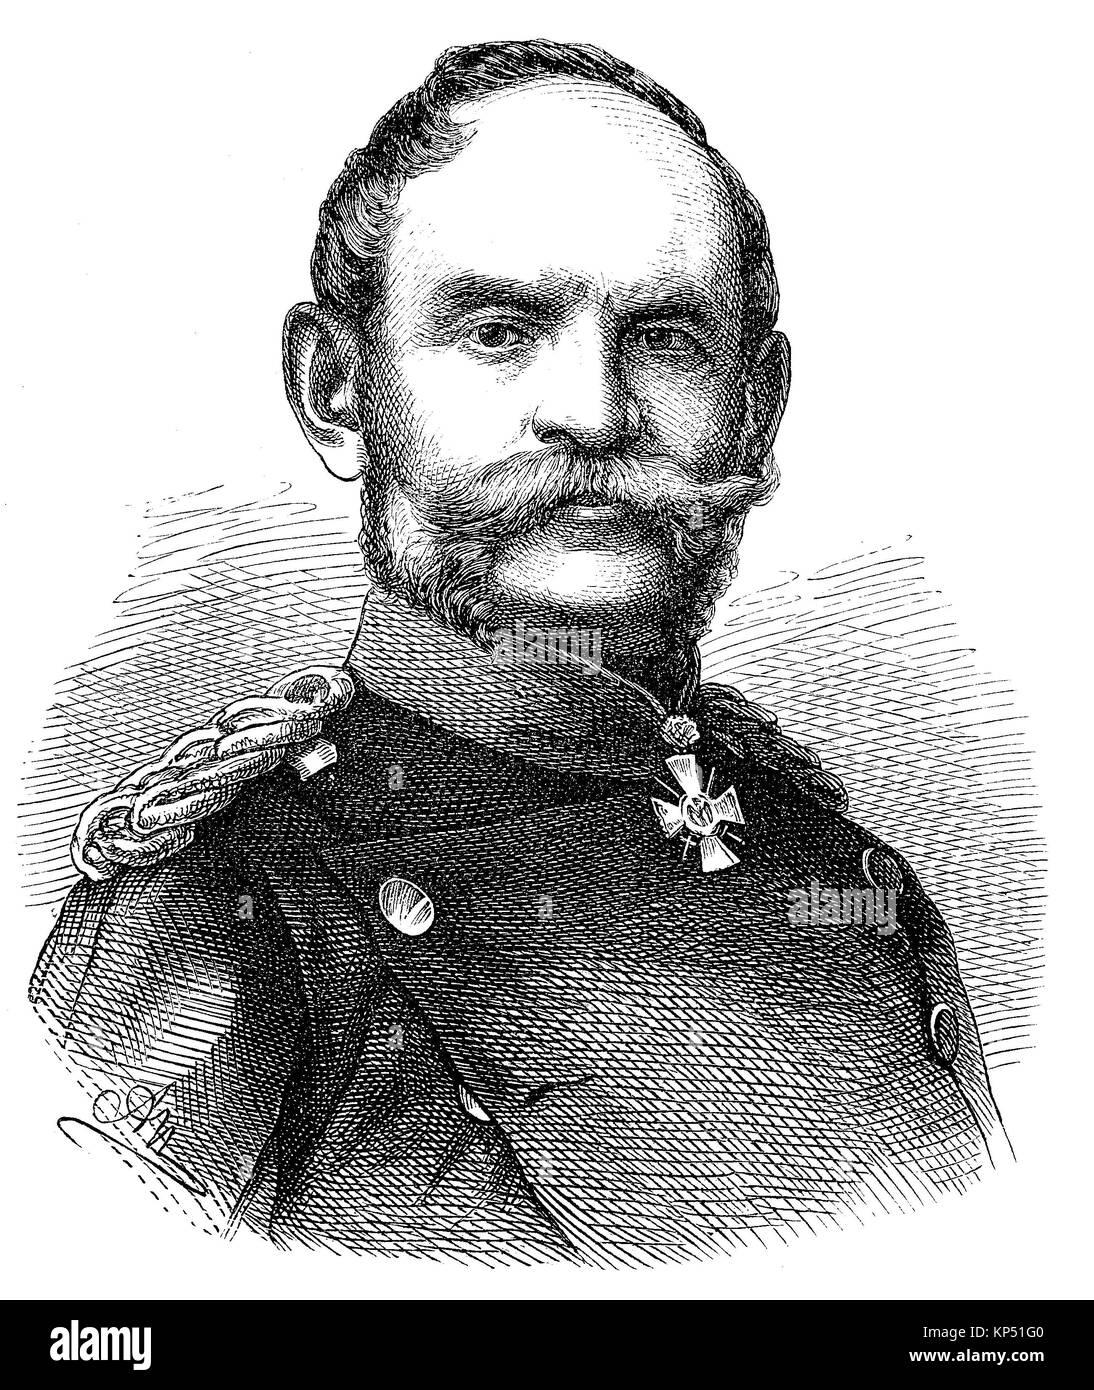 Karl Wilhelm Gustav Albert Freiherr von Rheinbaben, May 3, 1813 - November 1, 1880, was a Prussian general of the - Stock Image